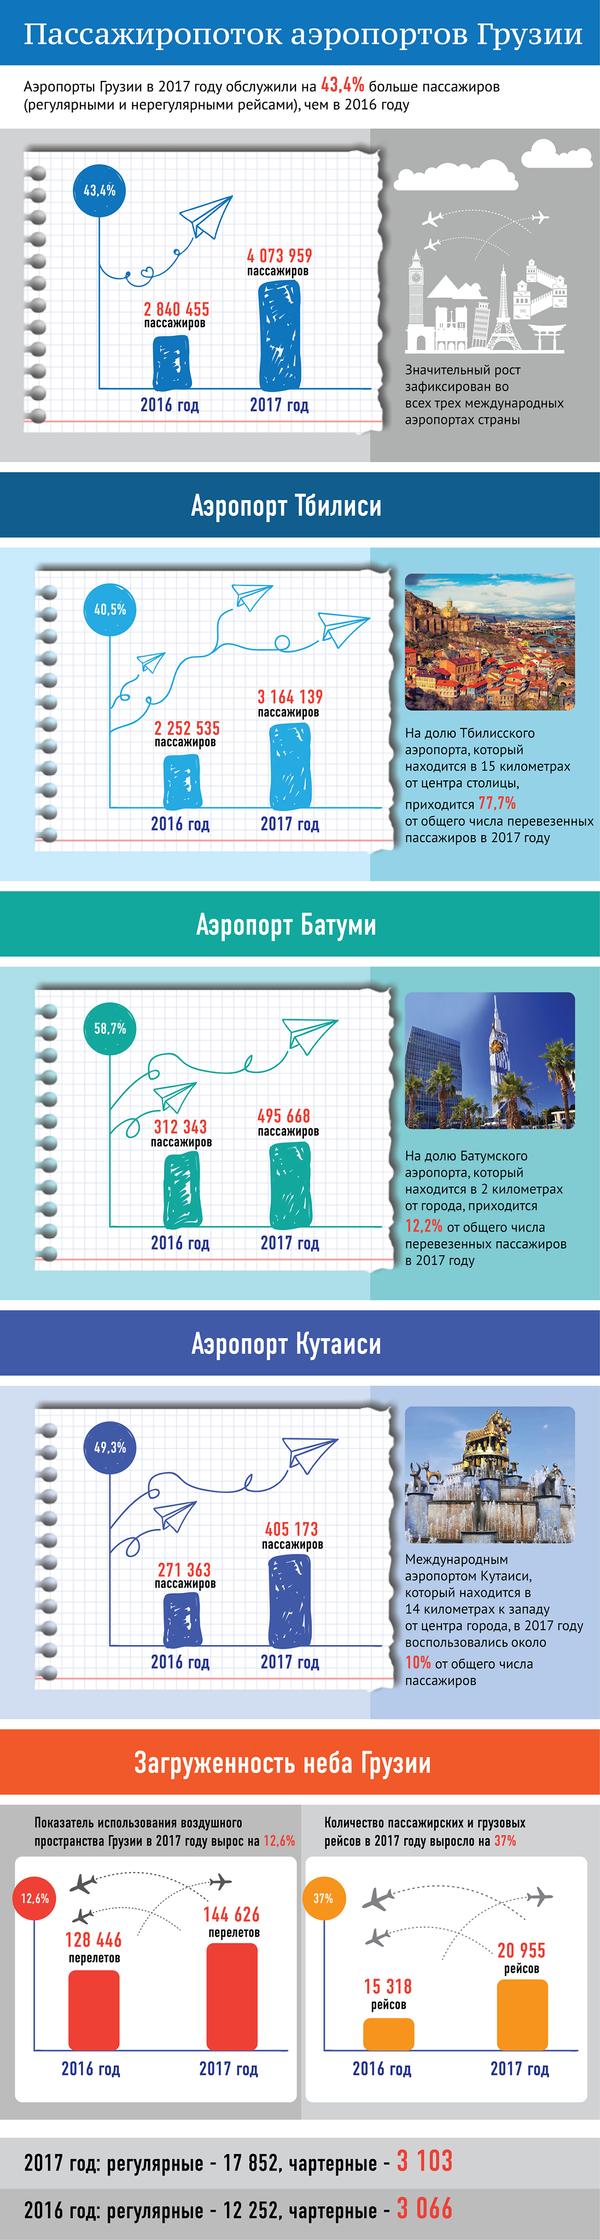 Пассажиропоток аэропортов Грузии - Sputnik Грузия